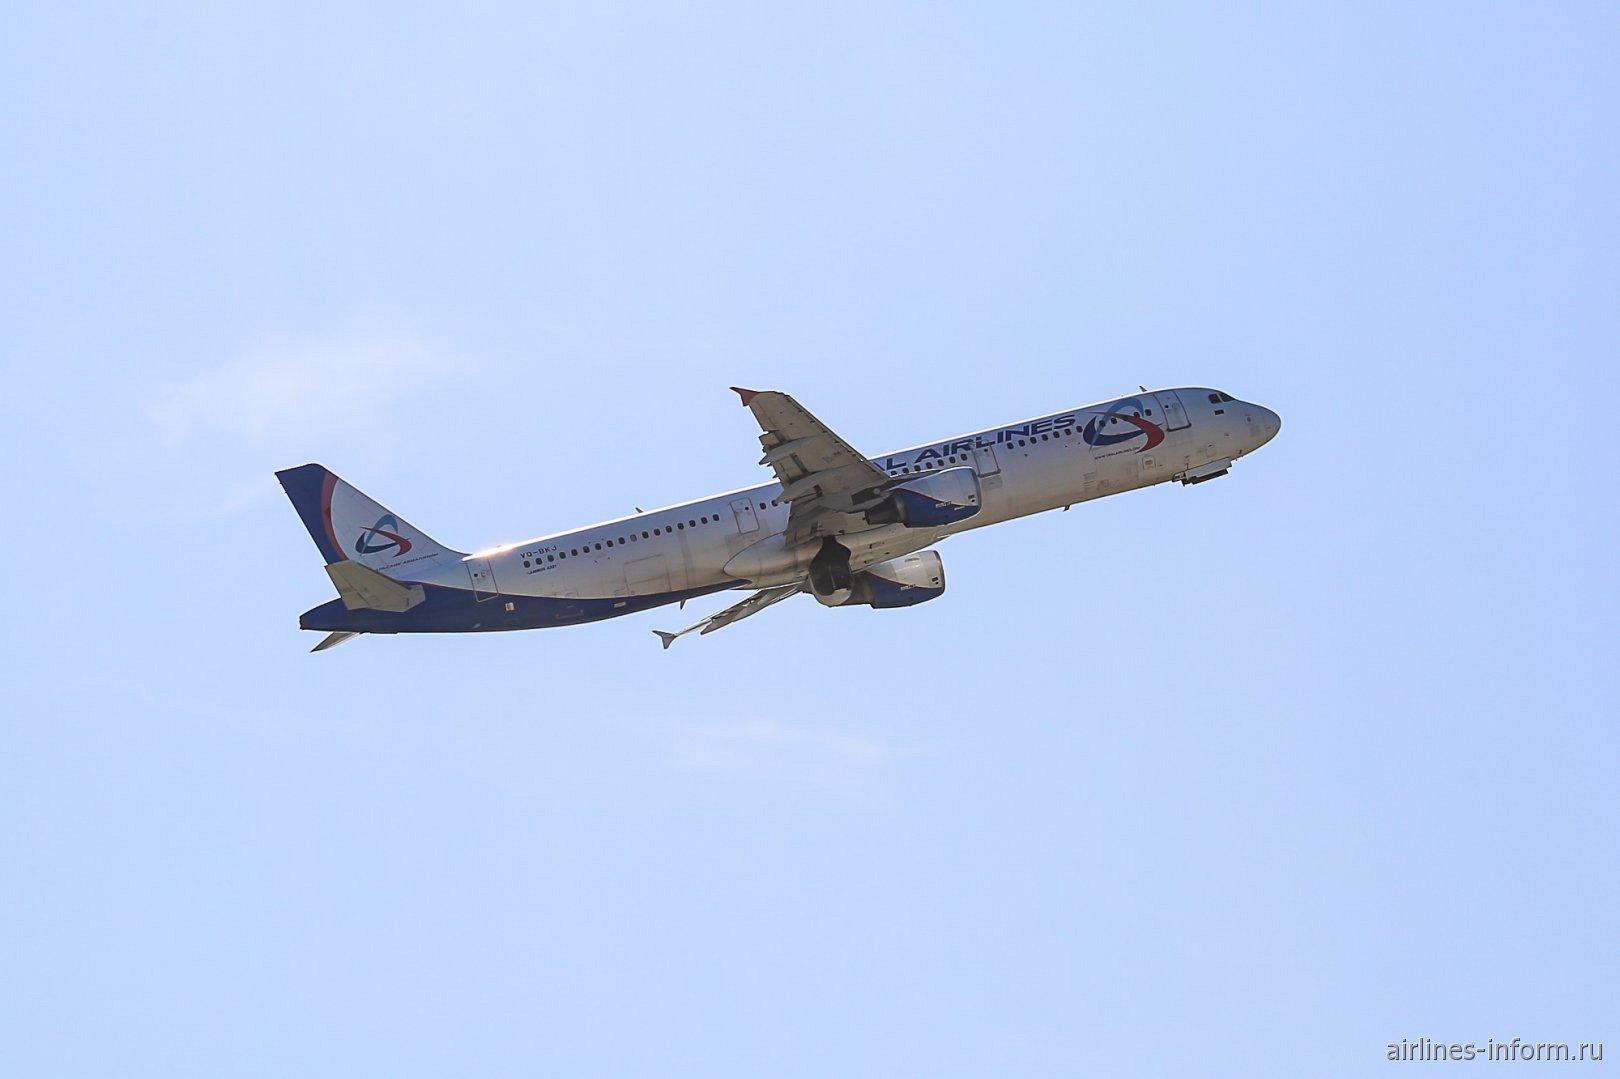 Взлет самолета Airbus A321 Уральских авиалиний из аэропорта Жуковский